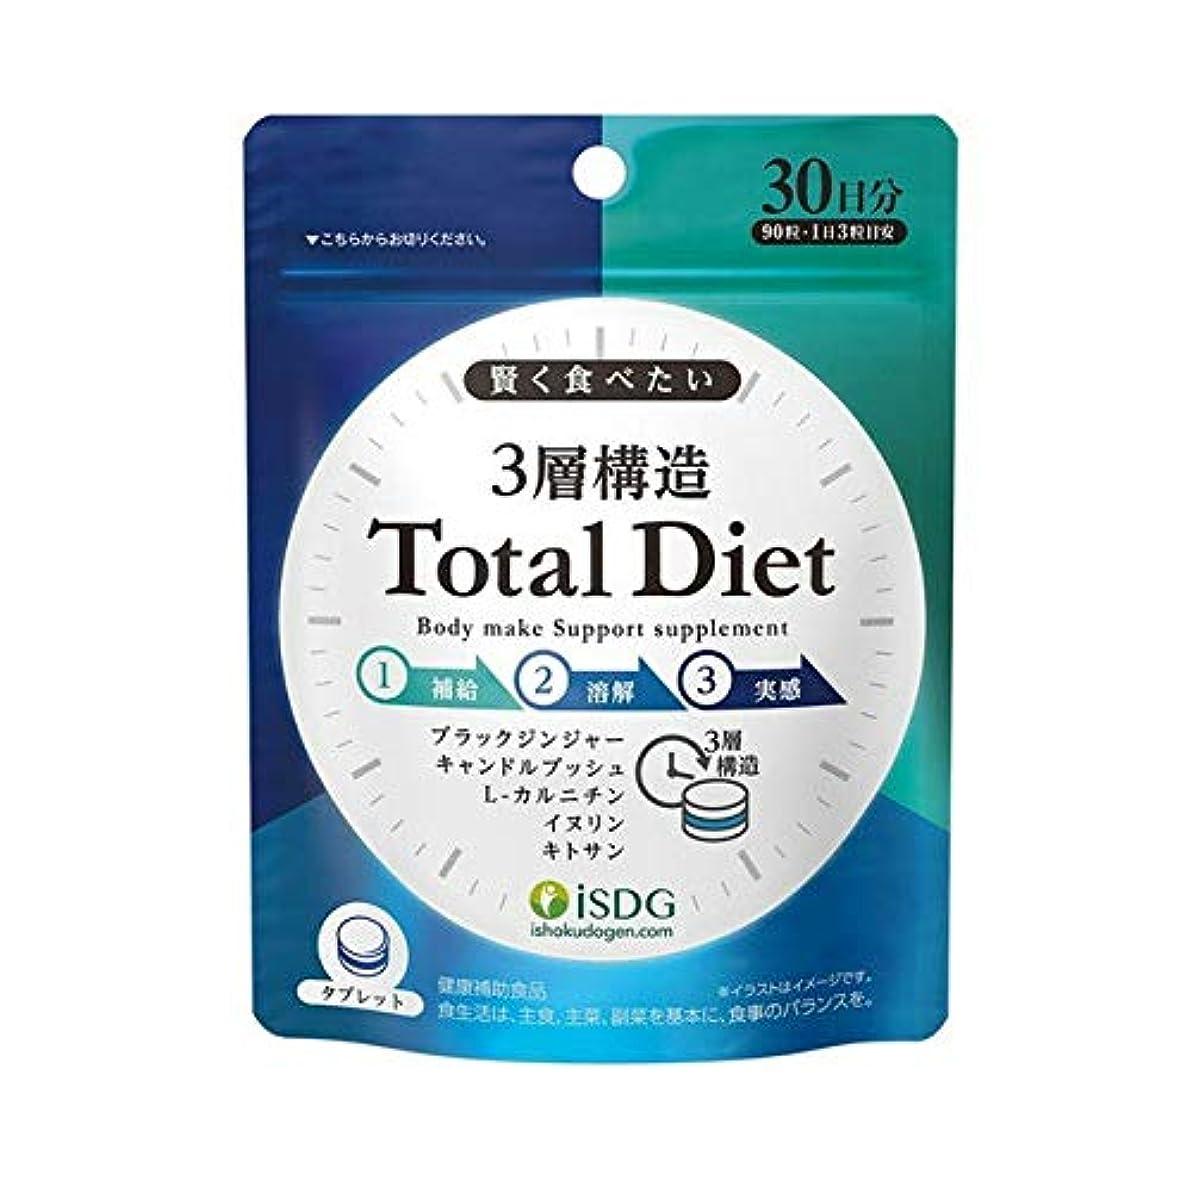 アトム第壮大な医食同源ドットコム ISDG 3層構造 Total Diet 90粒入 トータル ダイエット×10個セット